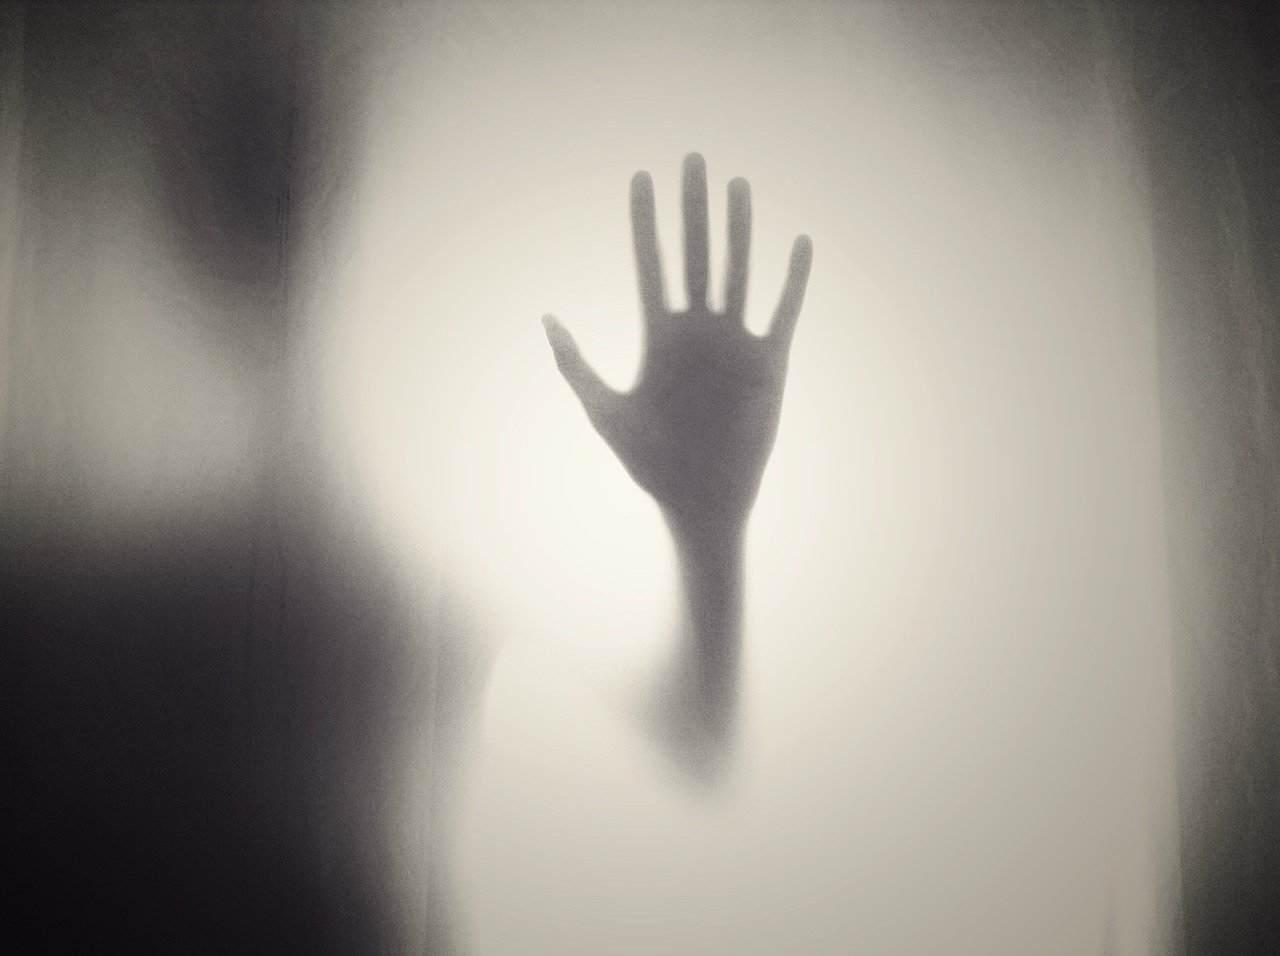 有名な怖い話『写真に手がいっぱい』など短編5話|都市伝説・洒落怖・ほん怖